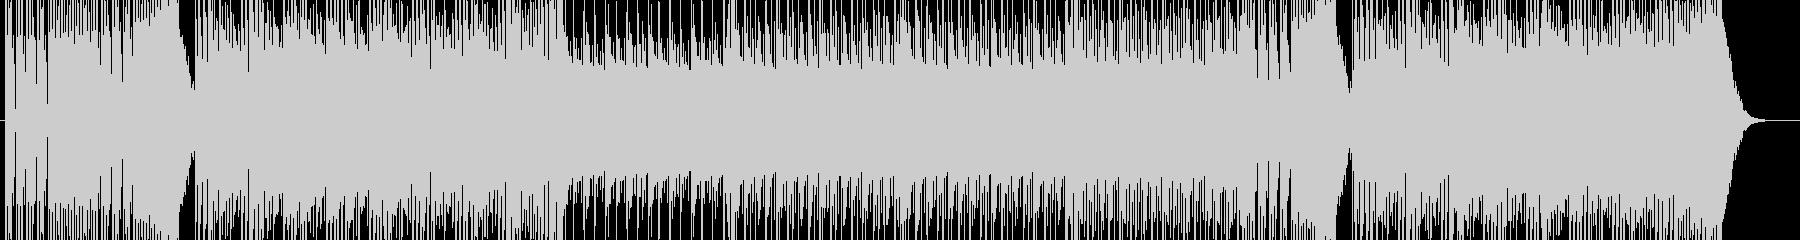 シンプルなベースサウンドの未再生の波形